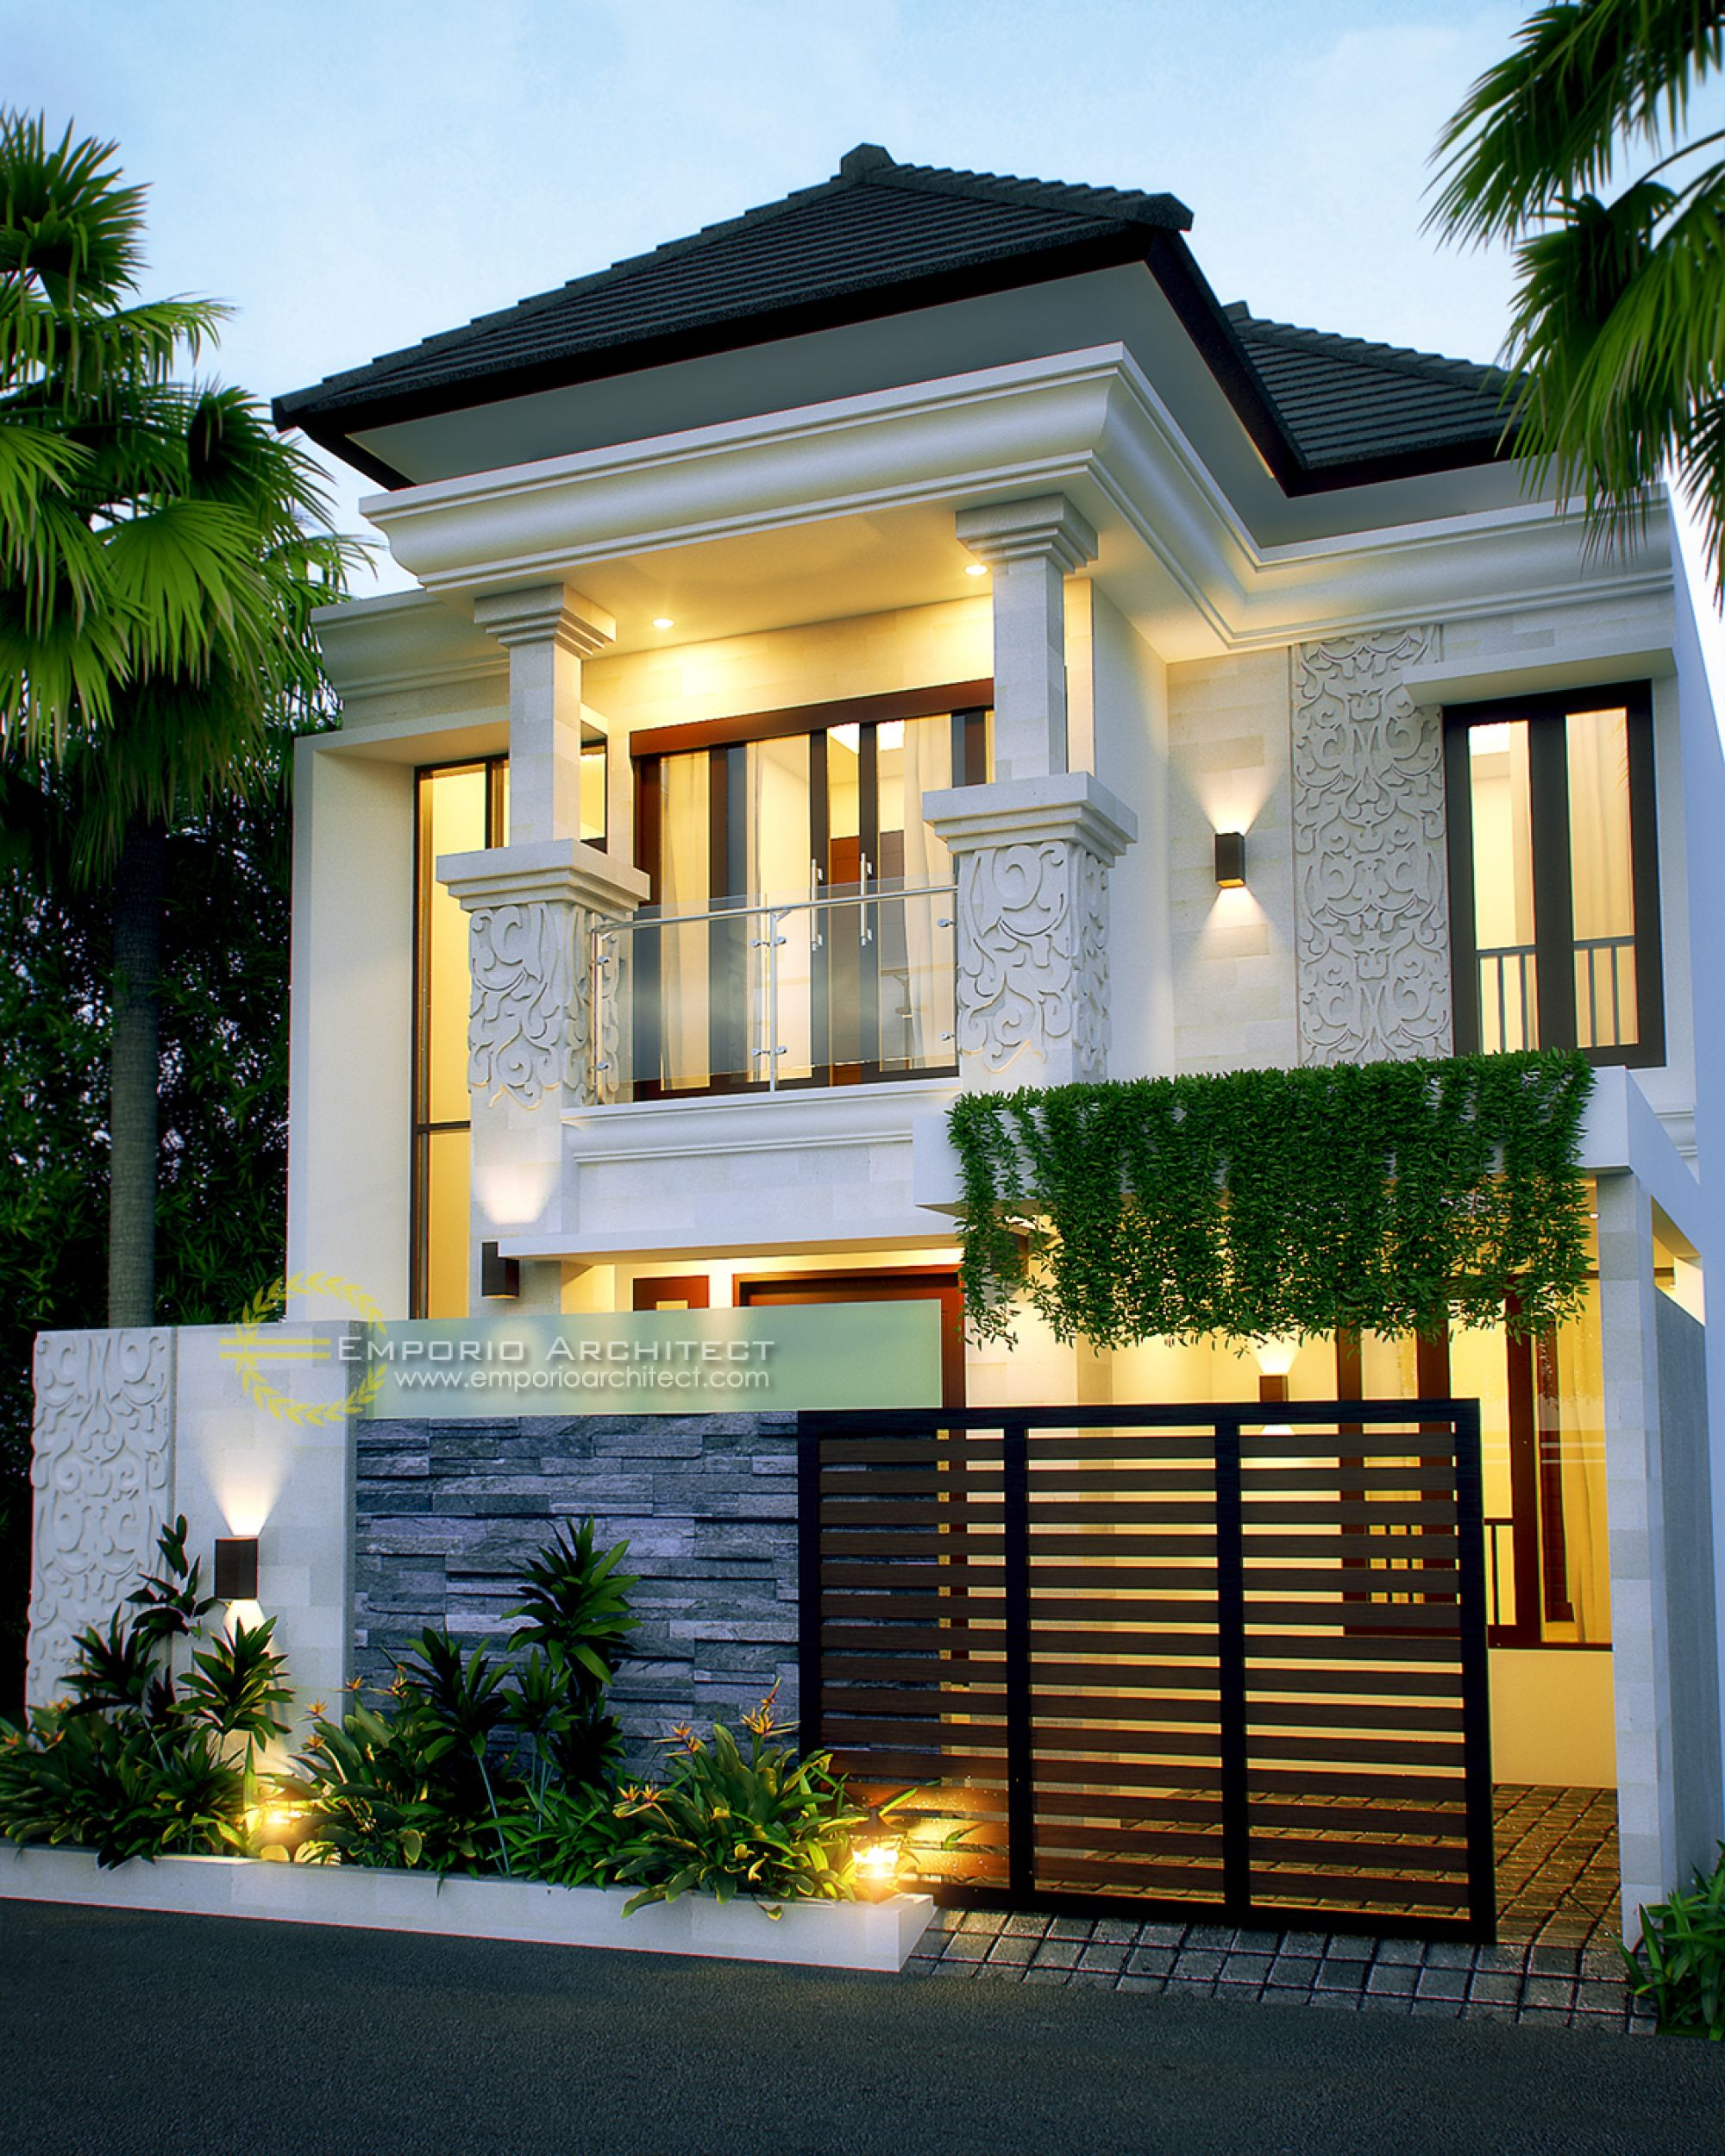 49 Most Popular Modern Dream House Exterior Design Ideas 3 In 2020: Jasa Arsitek Desain Rumah Bapak Indro (Dengan Gambar)